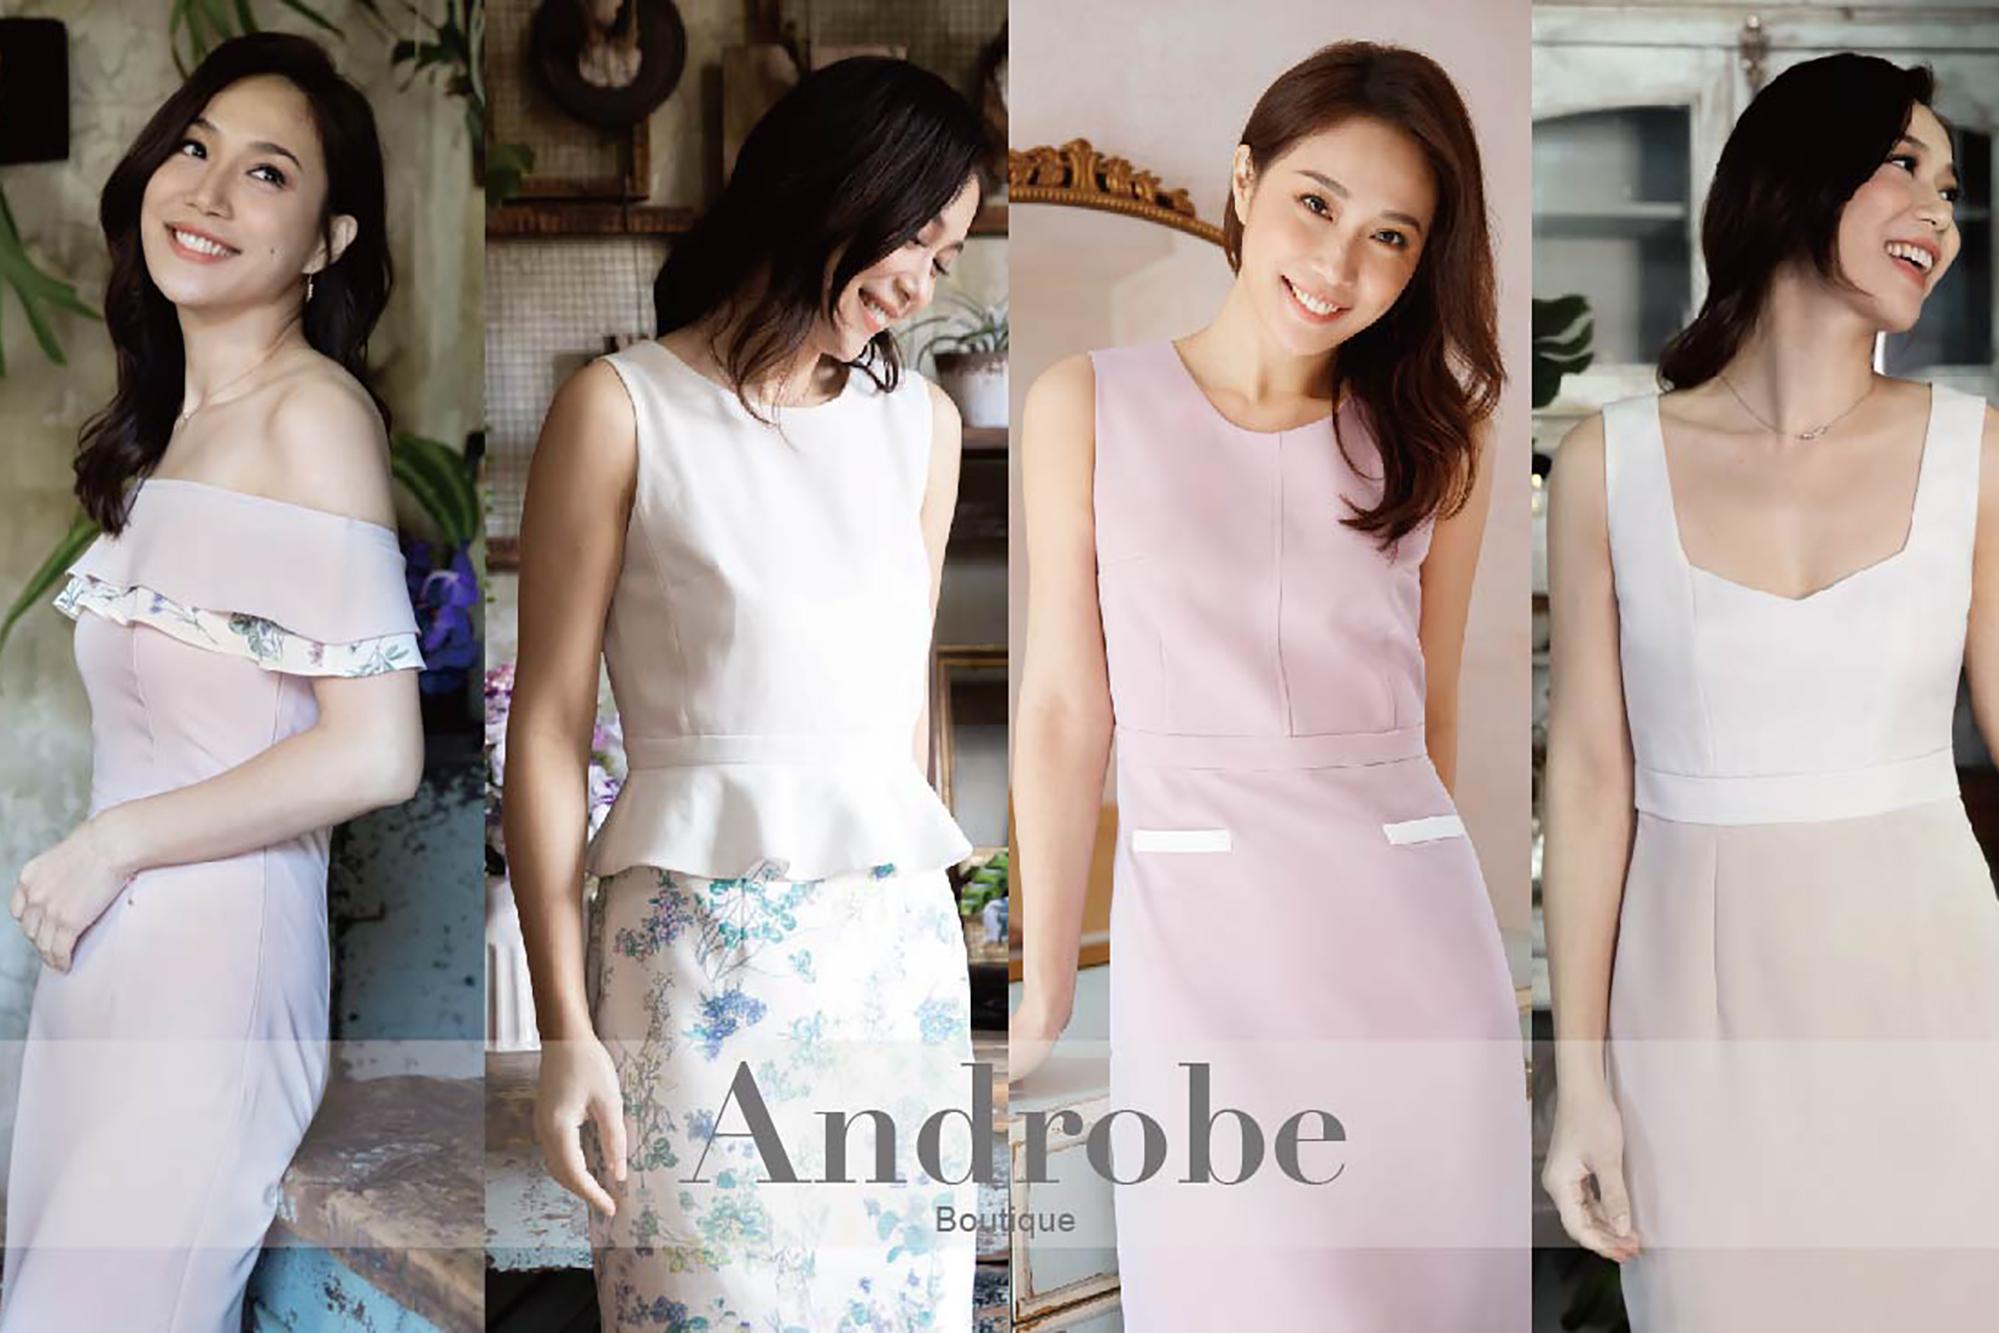 Androbe Taiwan